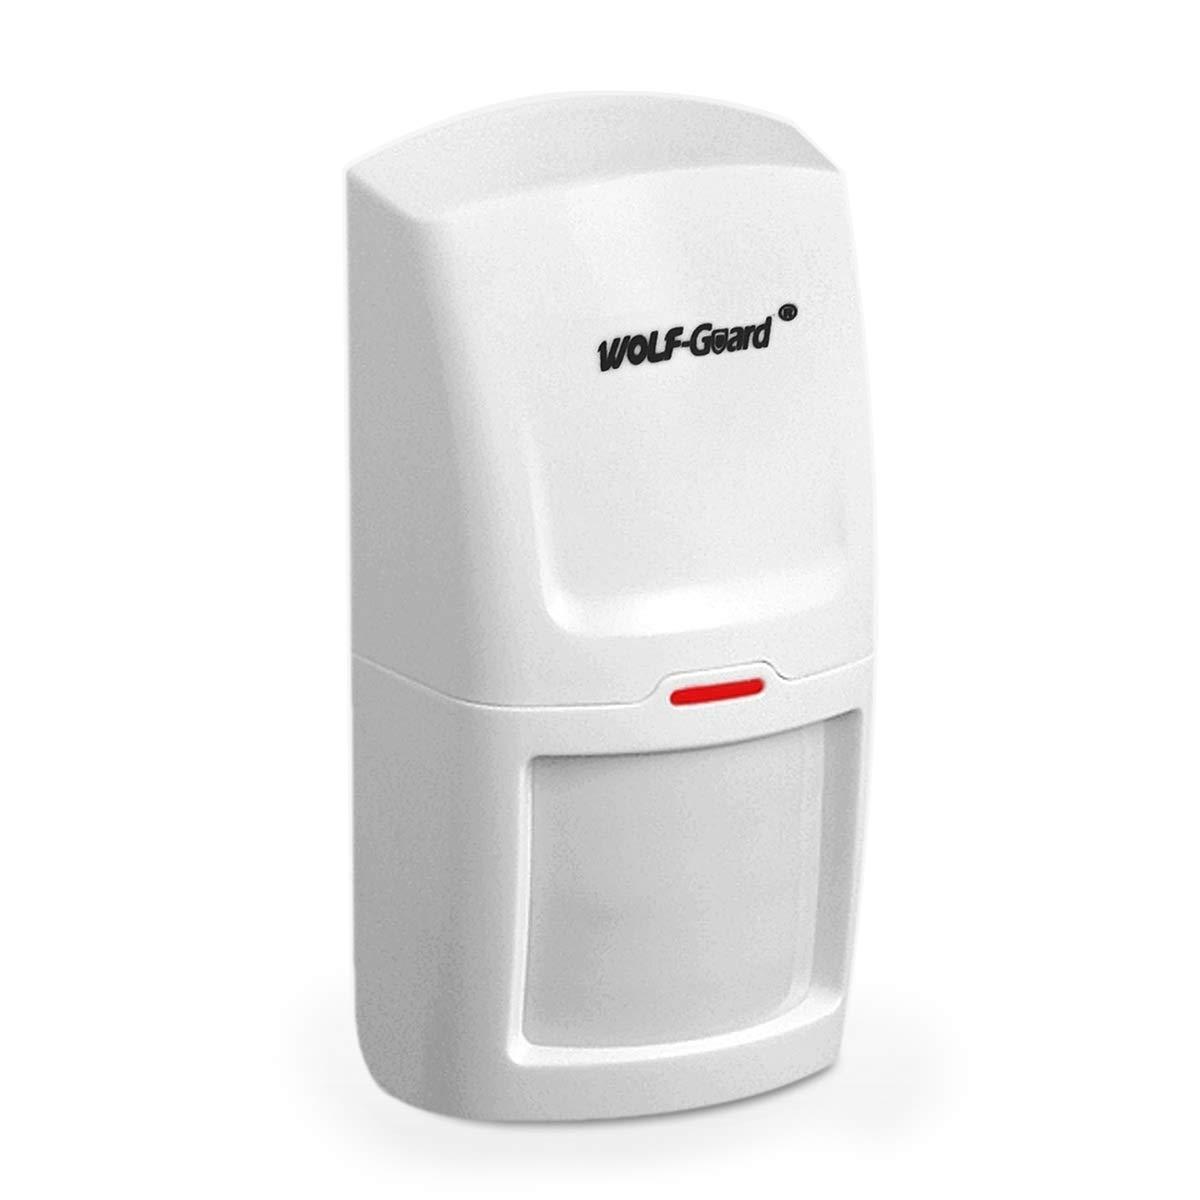 wolf-guard 433 mhz hw-03 PIR Sensor de movimiento, 12 m PIR Detector: Amazon.es: Bricolaje y herramientas